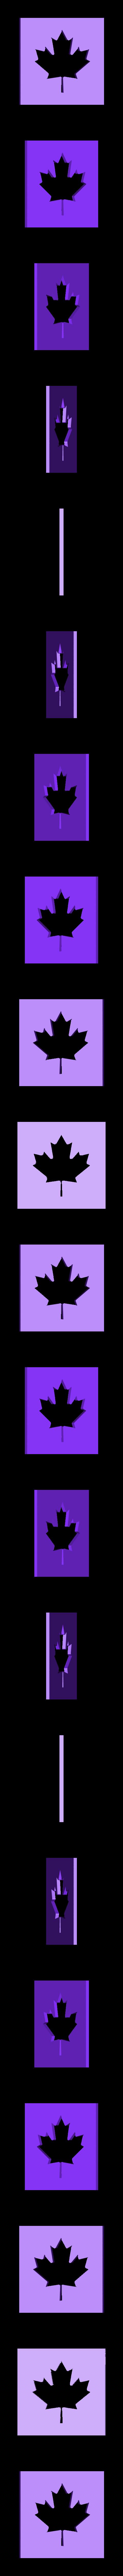 flag_white.STL Télécharger fichier STL gratuit Canada Party Party Pack • Design à imprimer en 3D, MosaicManufacturing